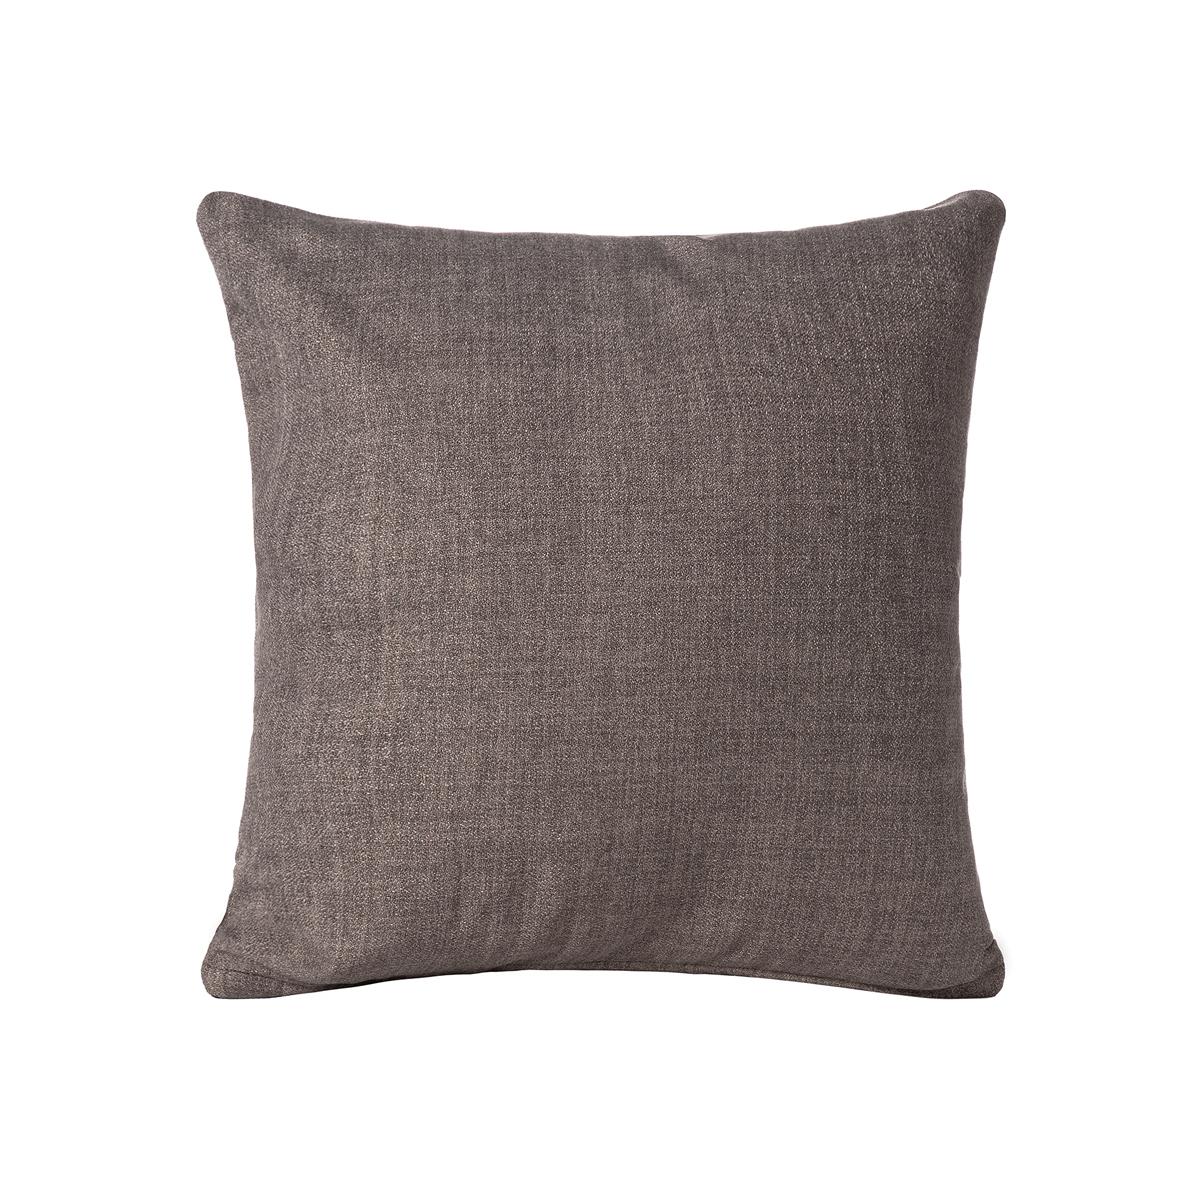 Διακοσμητική Μαξιλαροθήκη (65×65) Silk Fashion A803 Γκρι/Καφέ